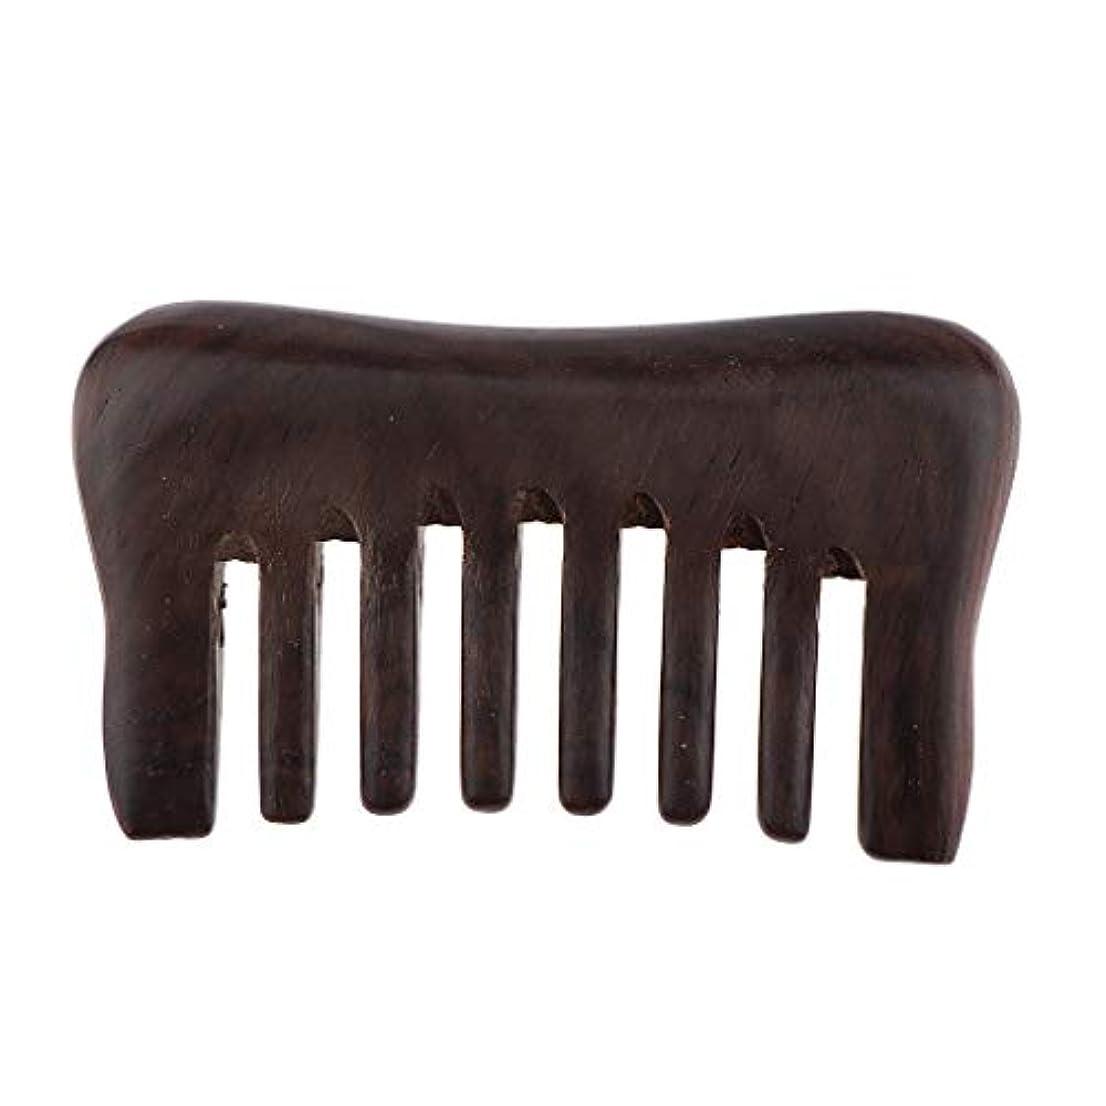 ファランクス負荷潜在的なF Fityle ヘアコーム 木製櫛 頭皮マッサージ ヘアブラシ 3色選べ - 黒檀